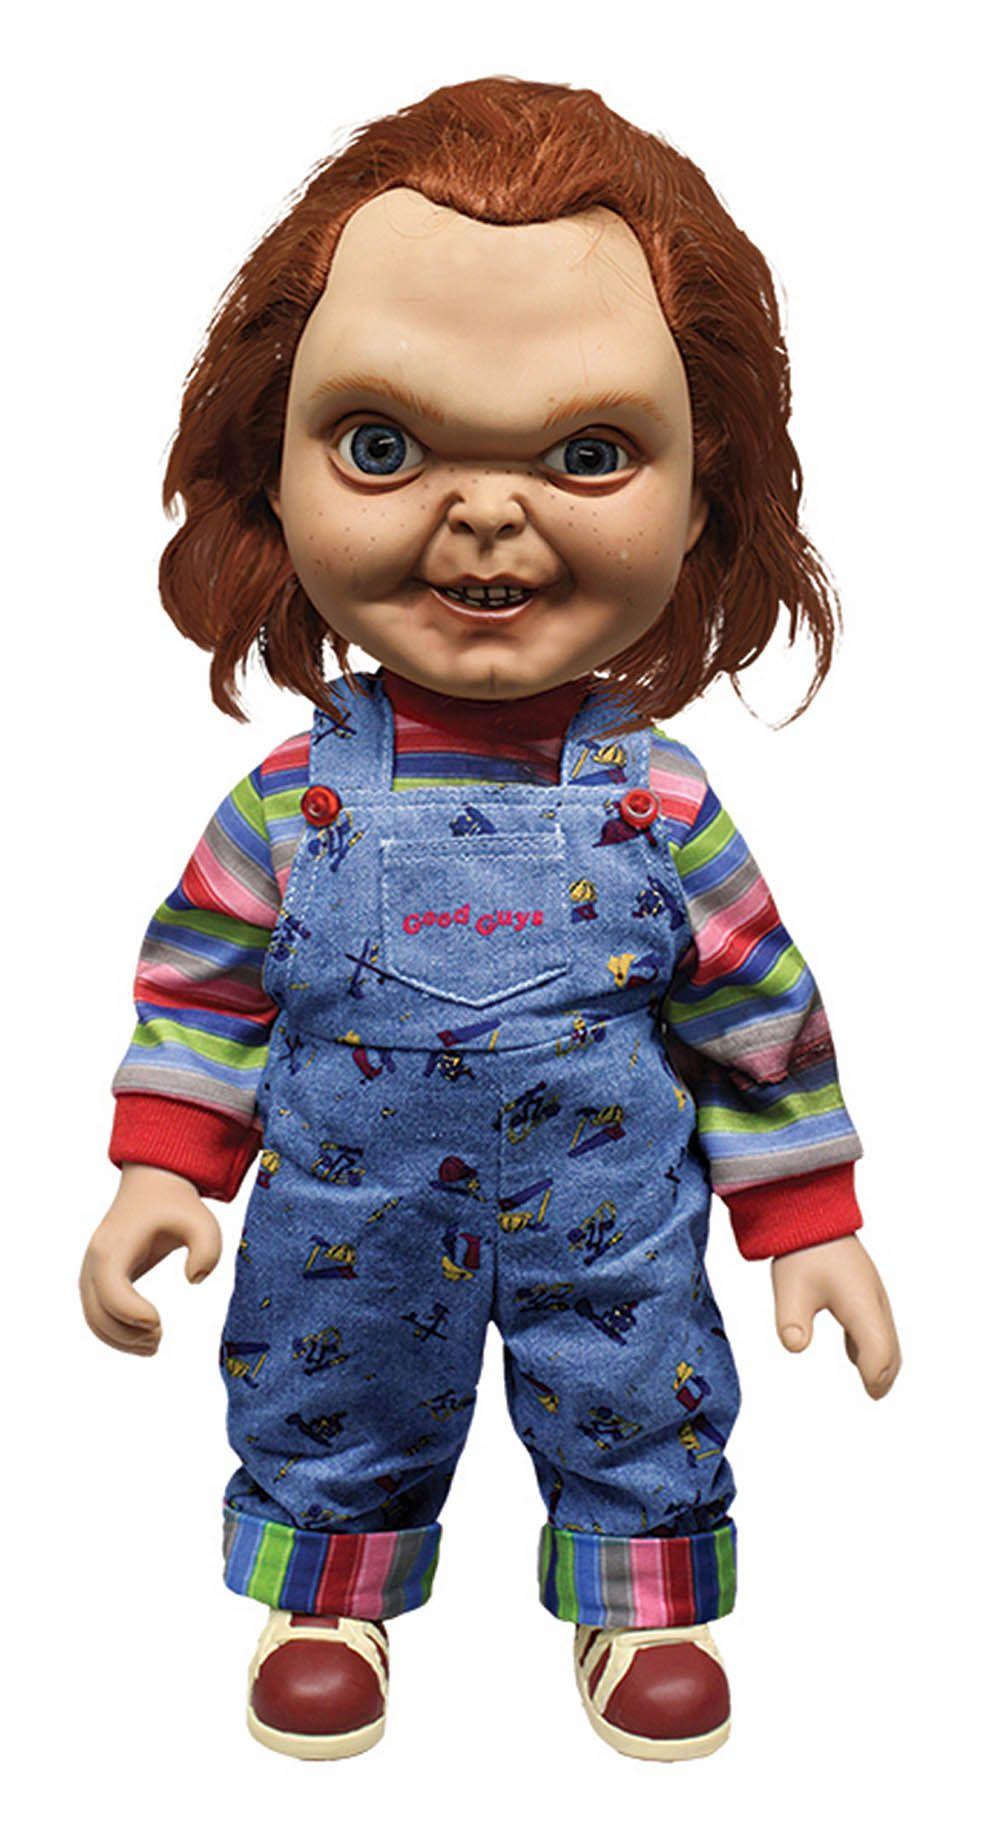 Muñeco Chucky el Muñeco diabólico, 38 cm. Con sonido